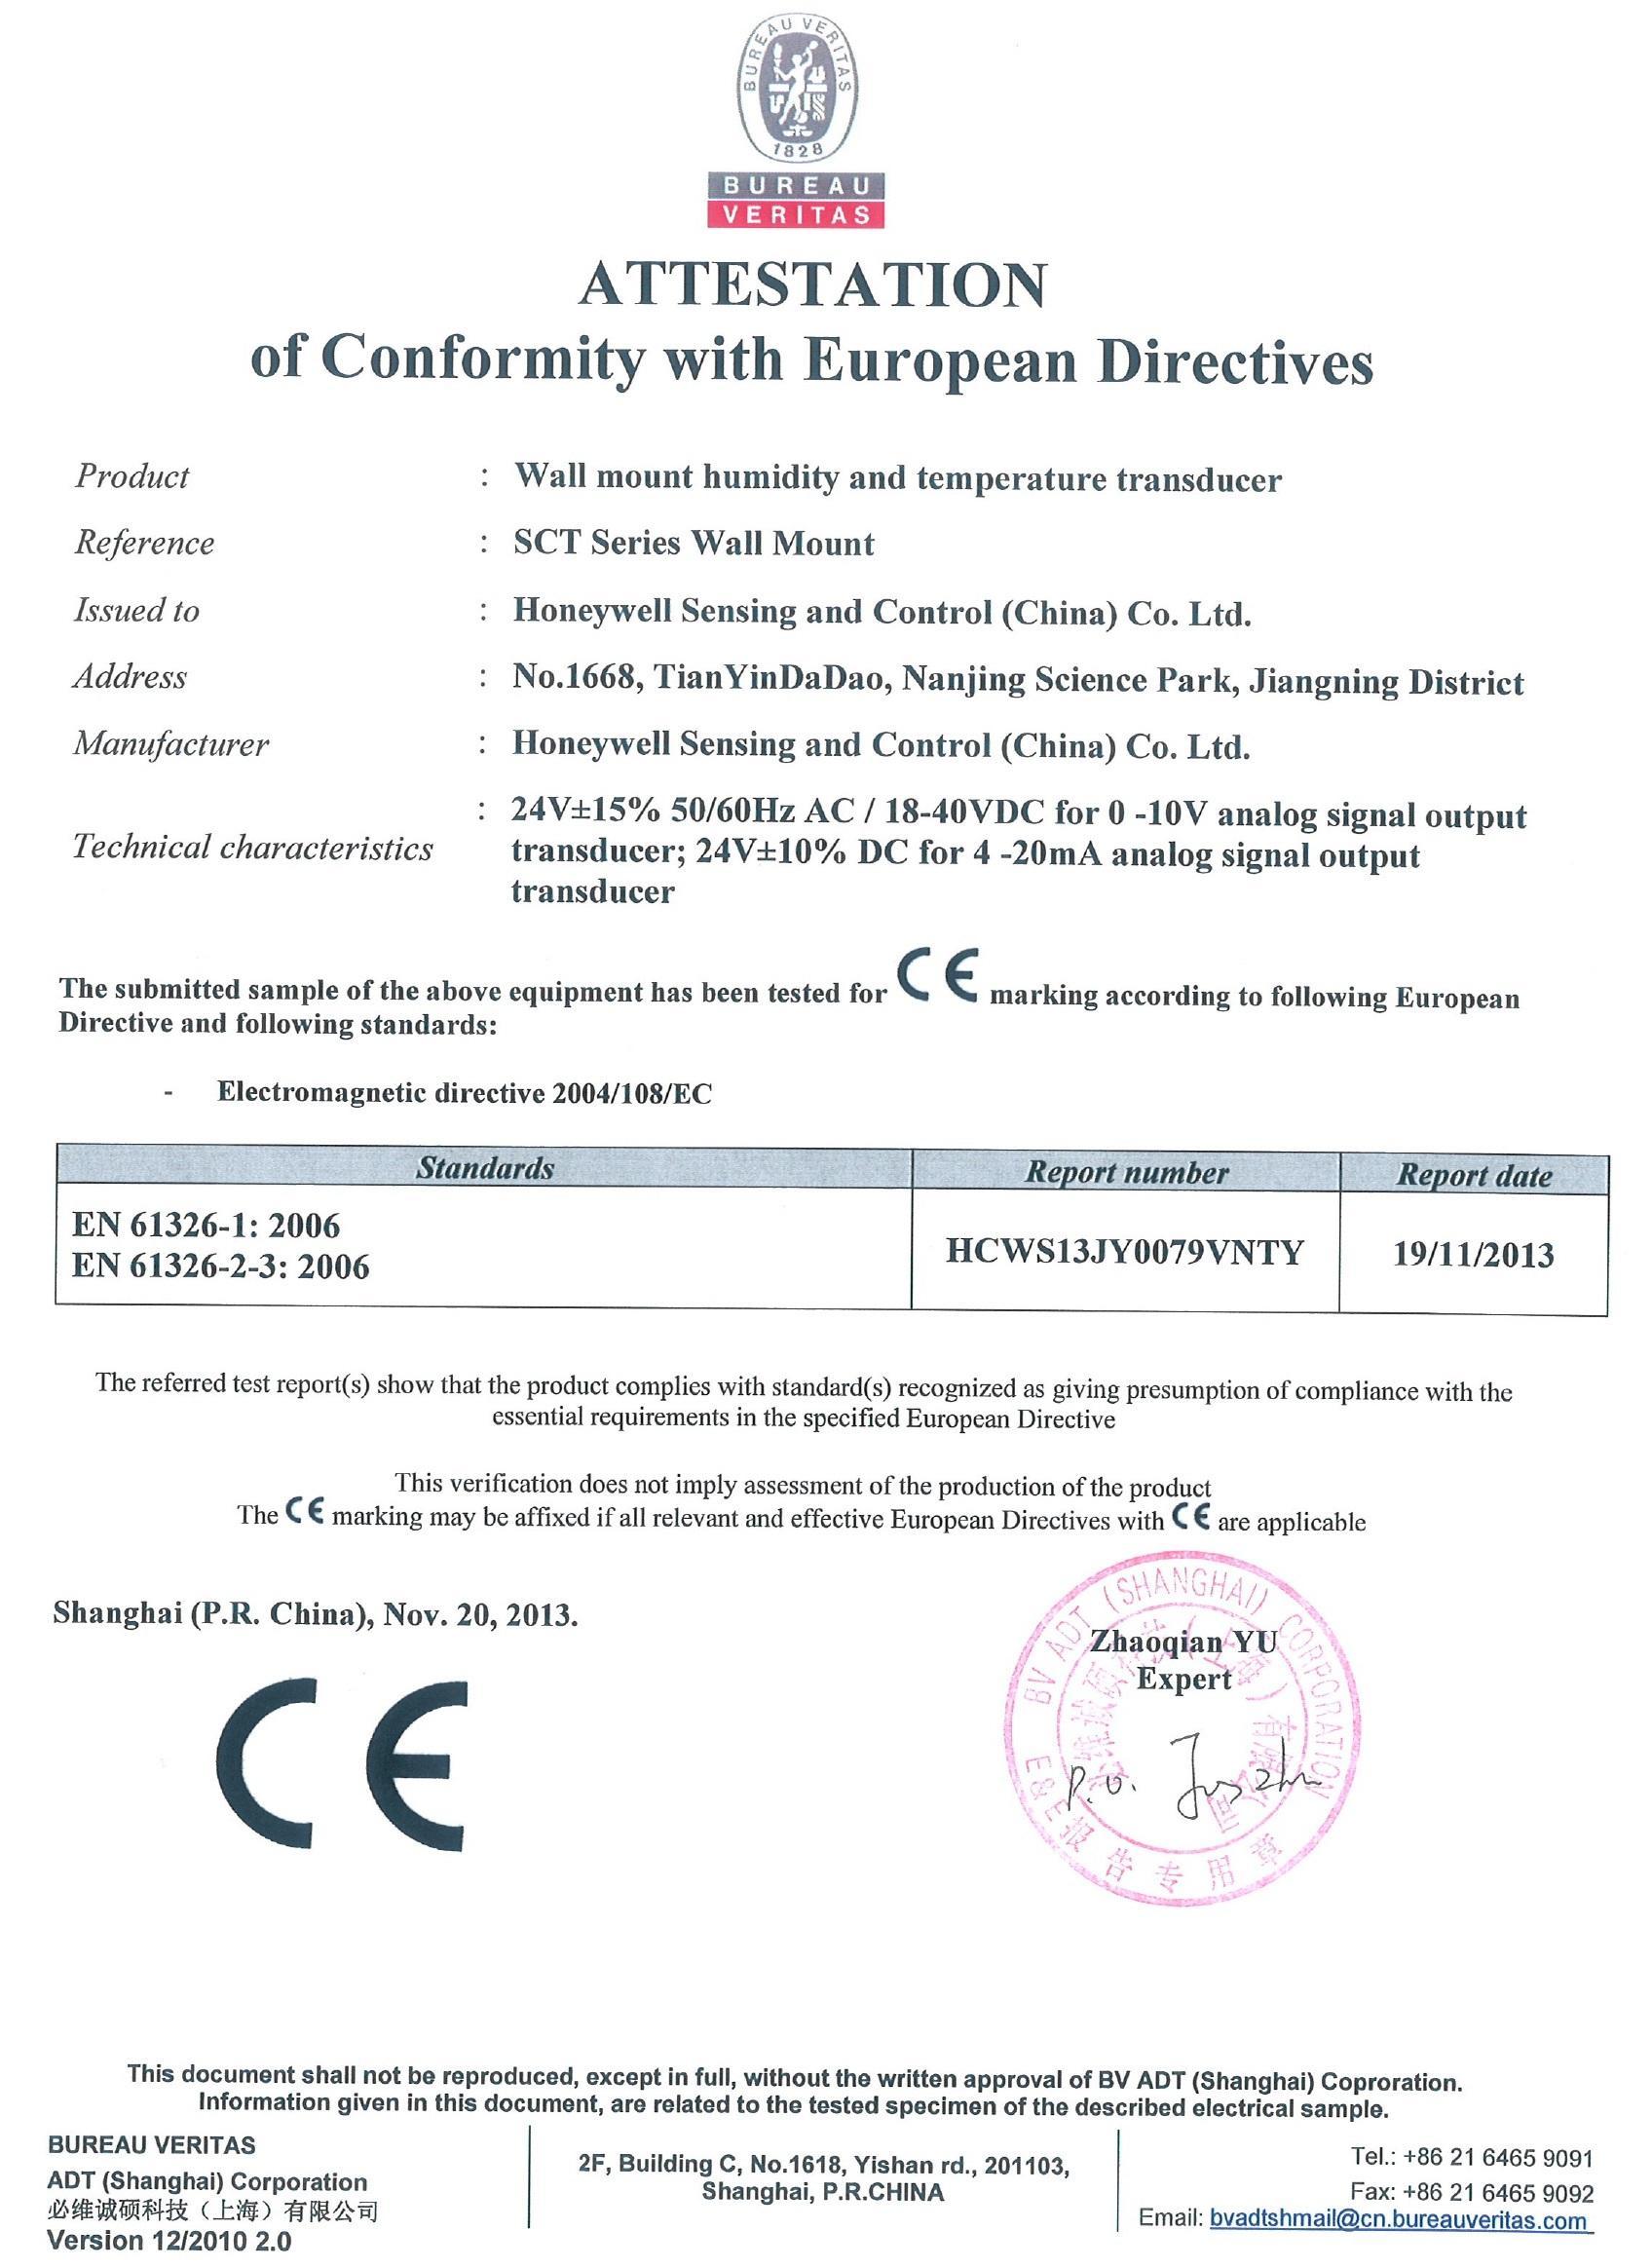 SCTHWA43SNS温湿度传感器产品质量CE 认证.jpg